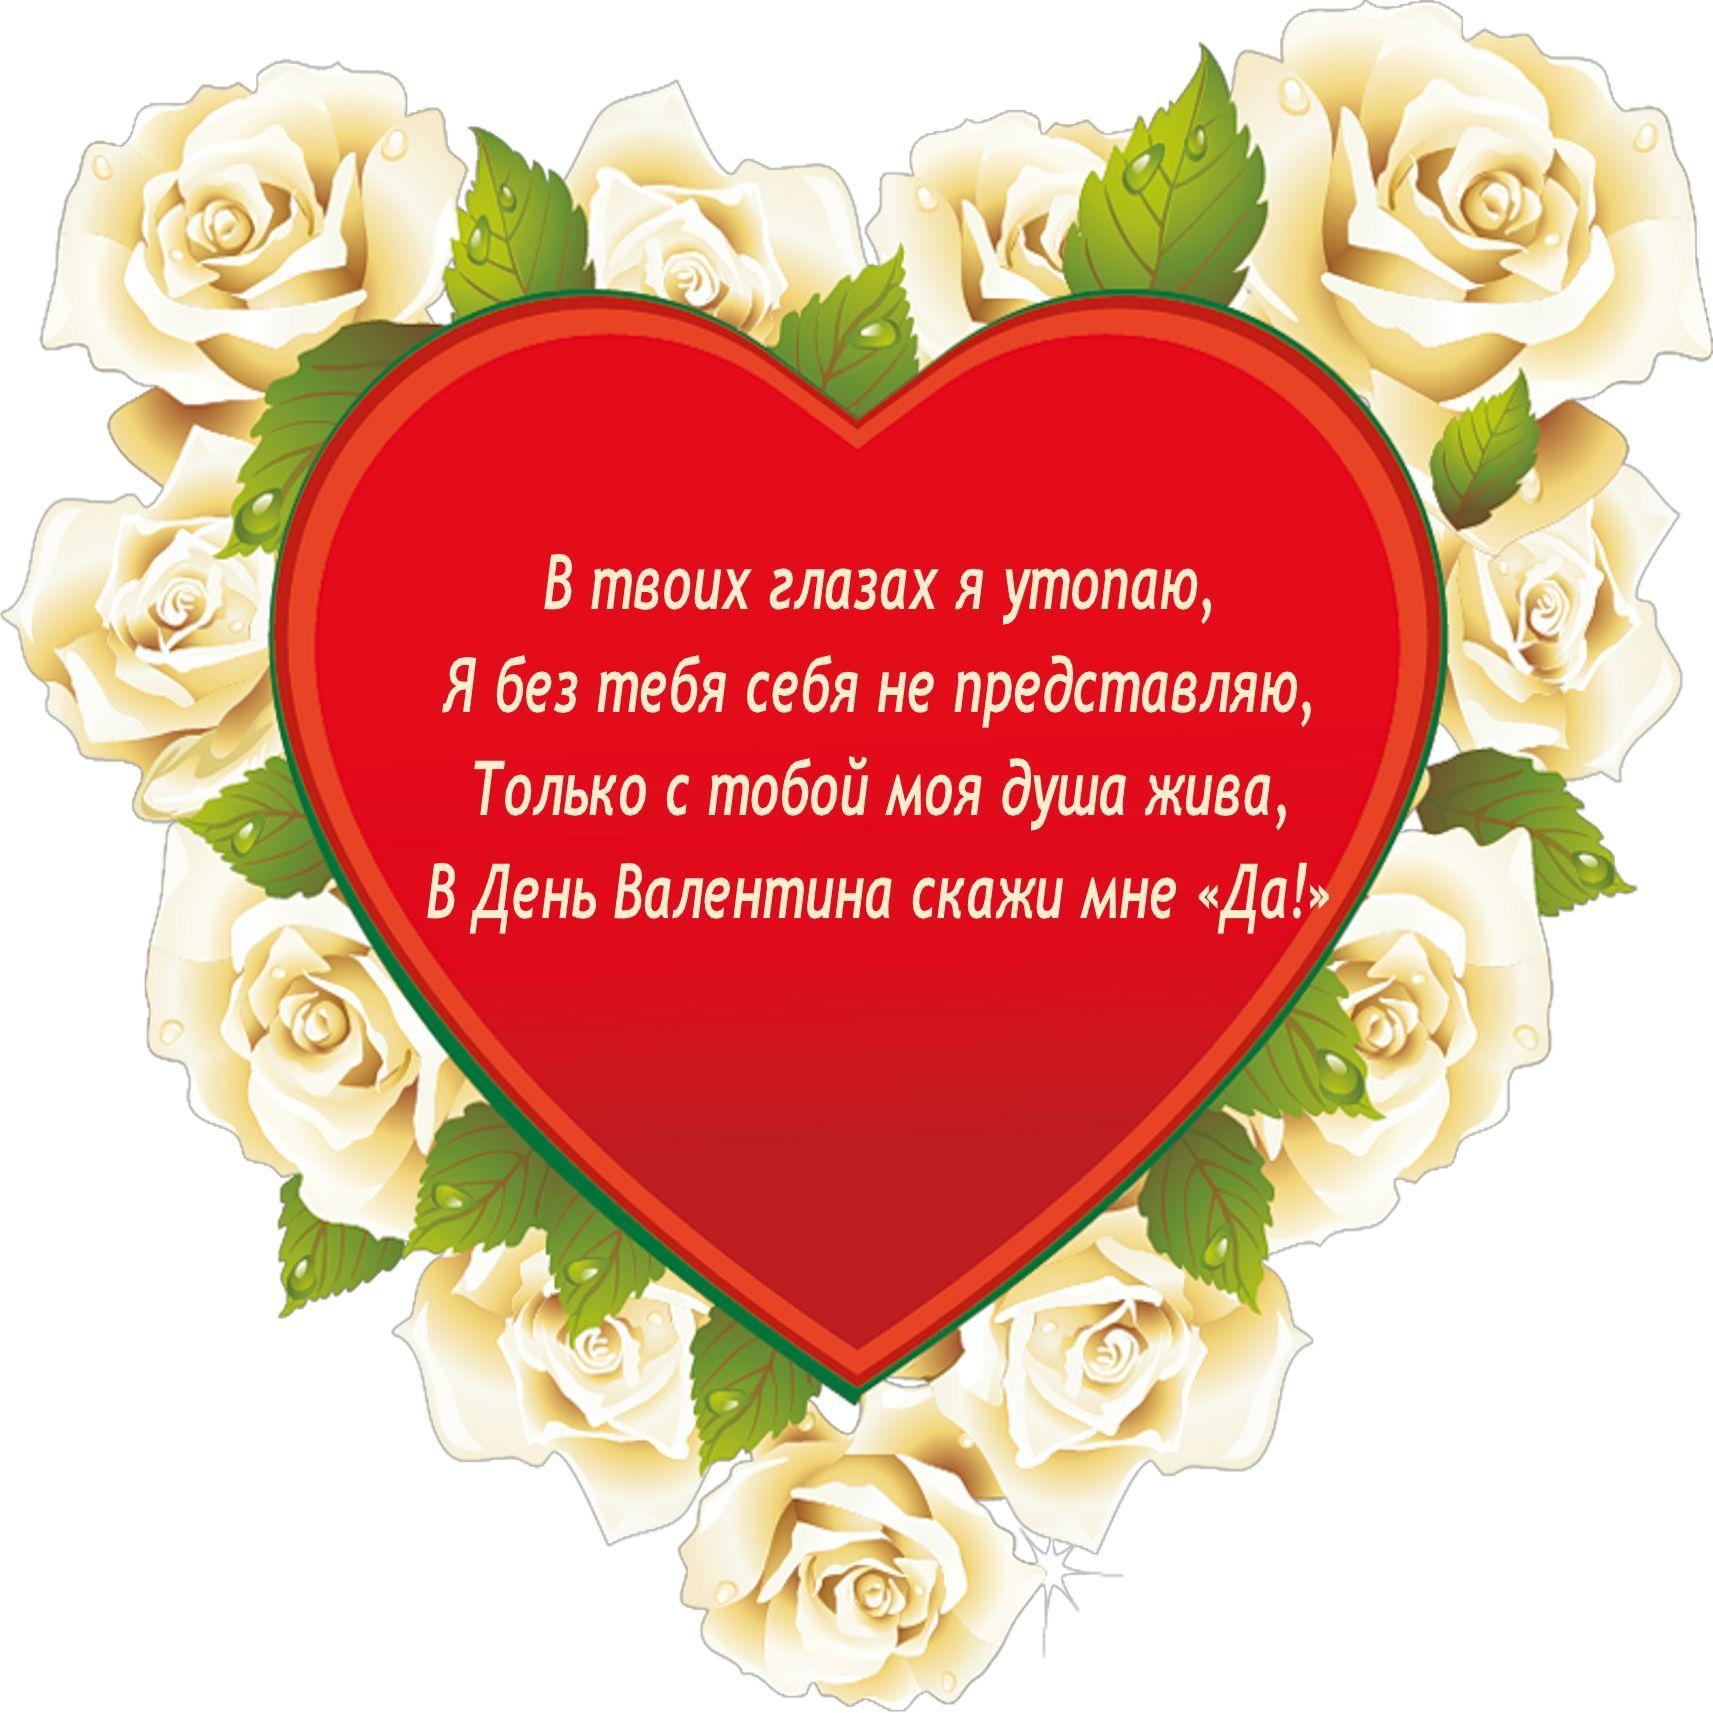 Уф-печать на подарок ко Дню Святого Валентина